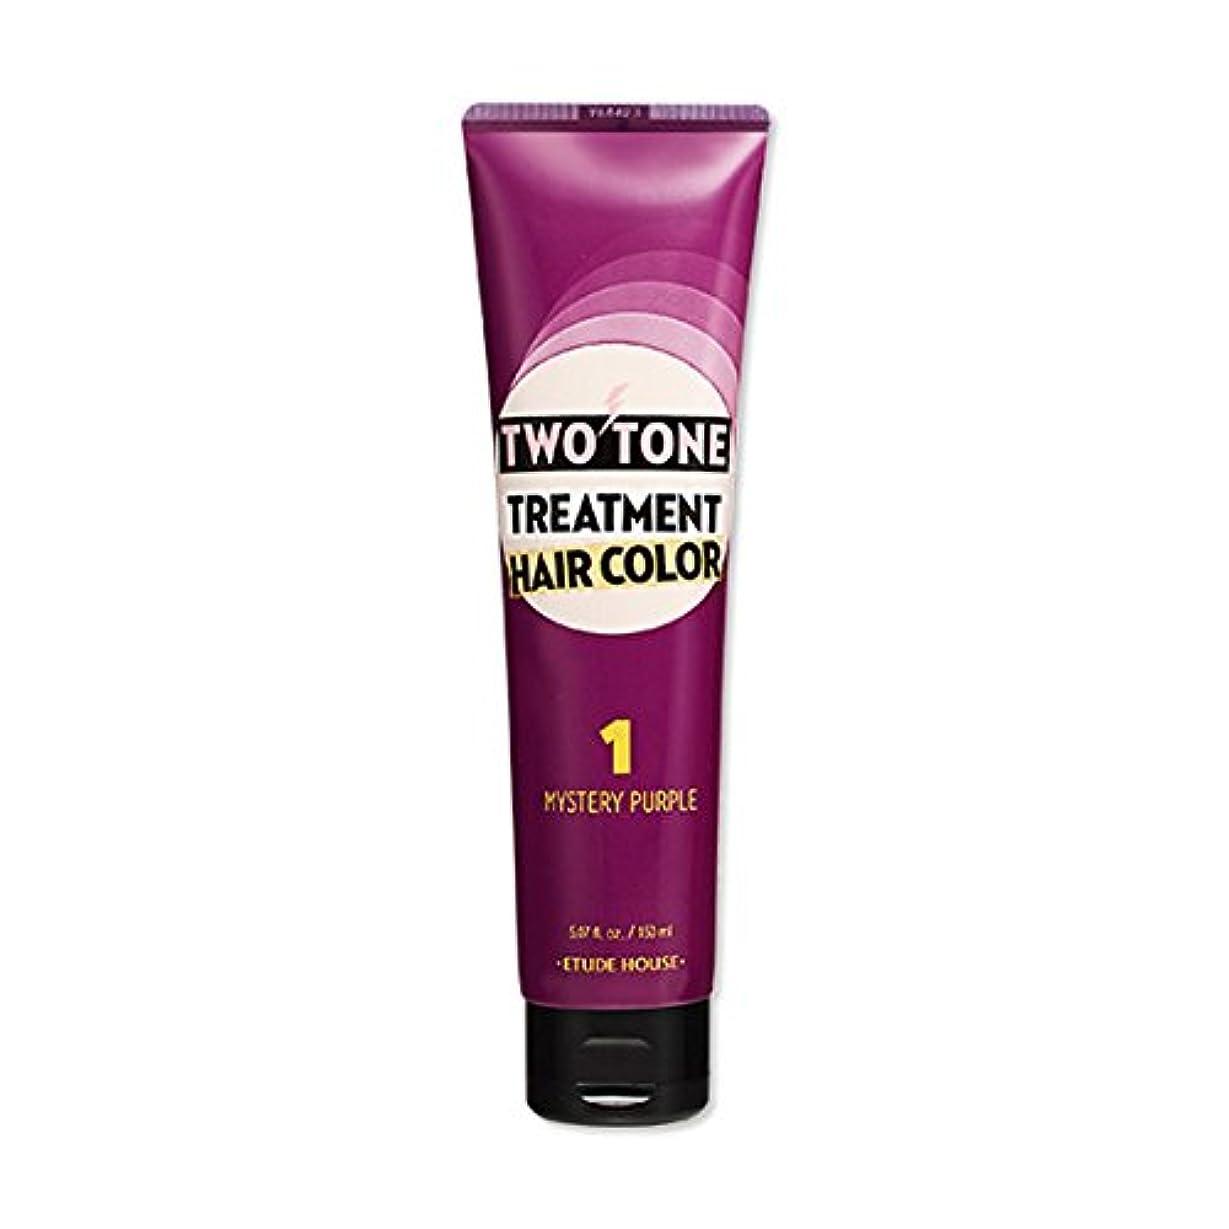 僕の反発電話をかけるETUDE HOUSE Two Tone Treatment Hair Color 1.MYSTERY PURPLE / エチュードハウス ツートントリートメントヘアカラー150ml (1.MYSTERY PURPLE)...